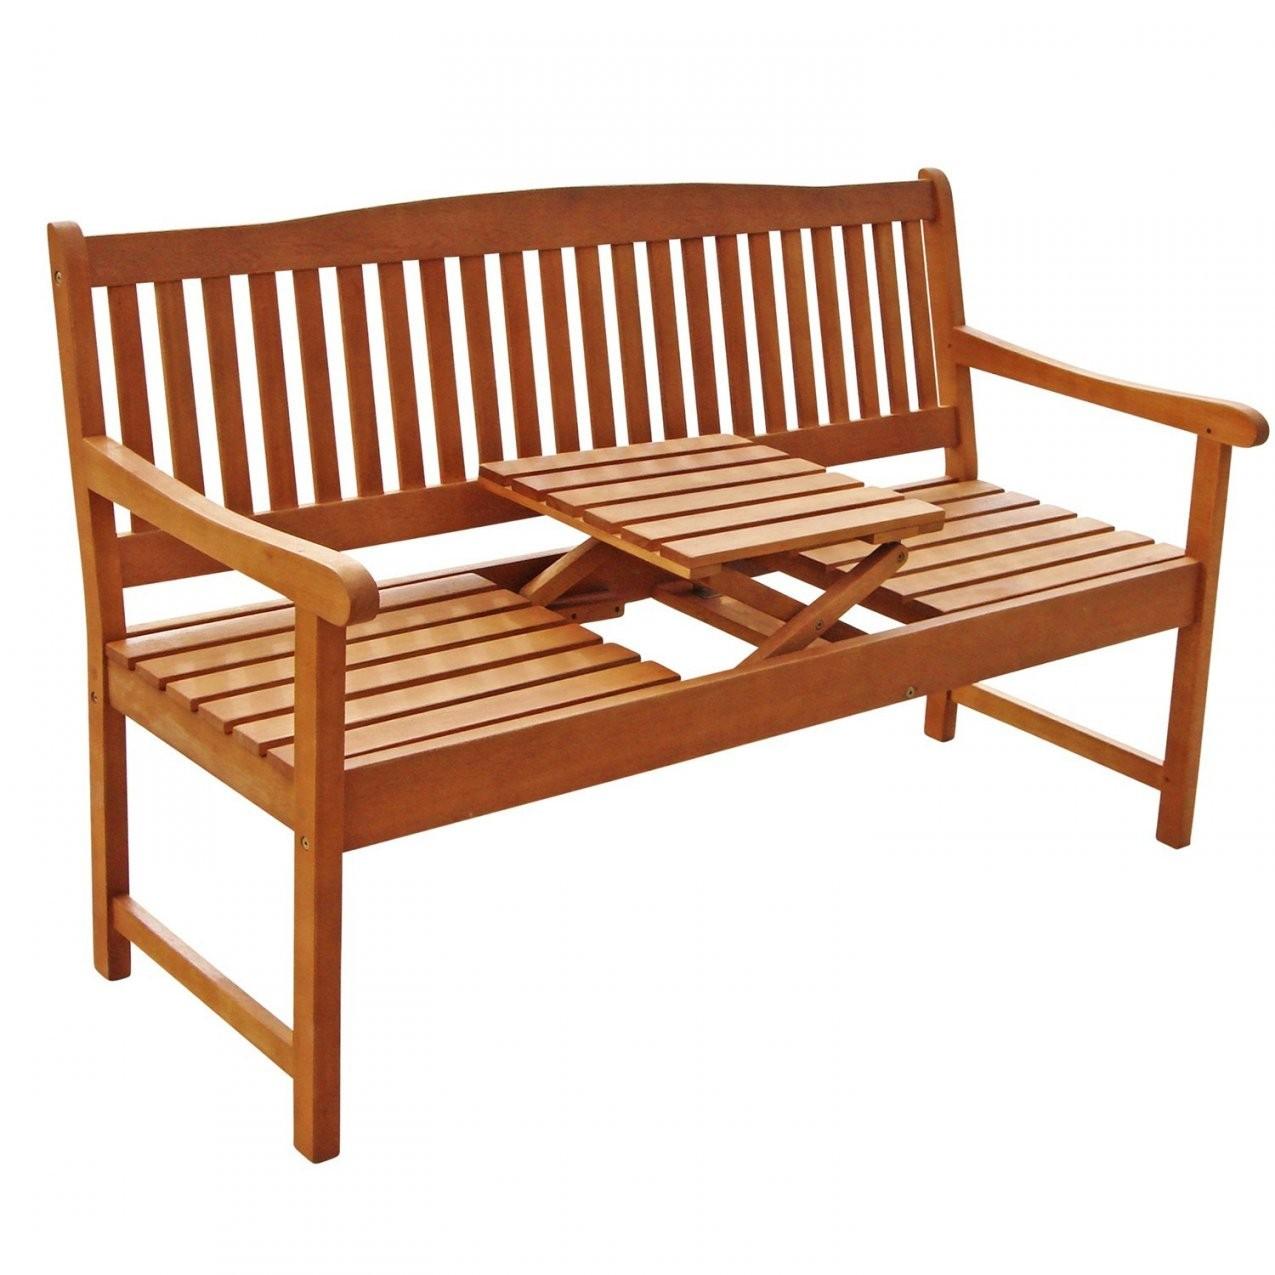 Einzigartig Von Gartenbank Zweisitzer Mit Tisch Design  Moderne von Zweisitzer Gartenbank Mit Integriertem Tisch Bild